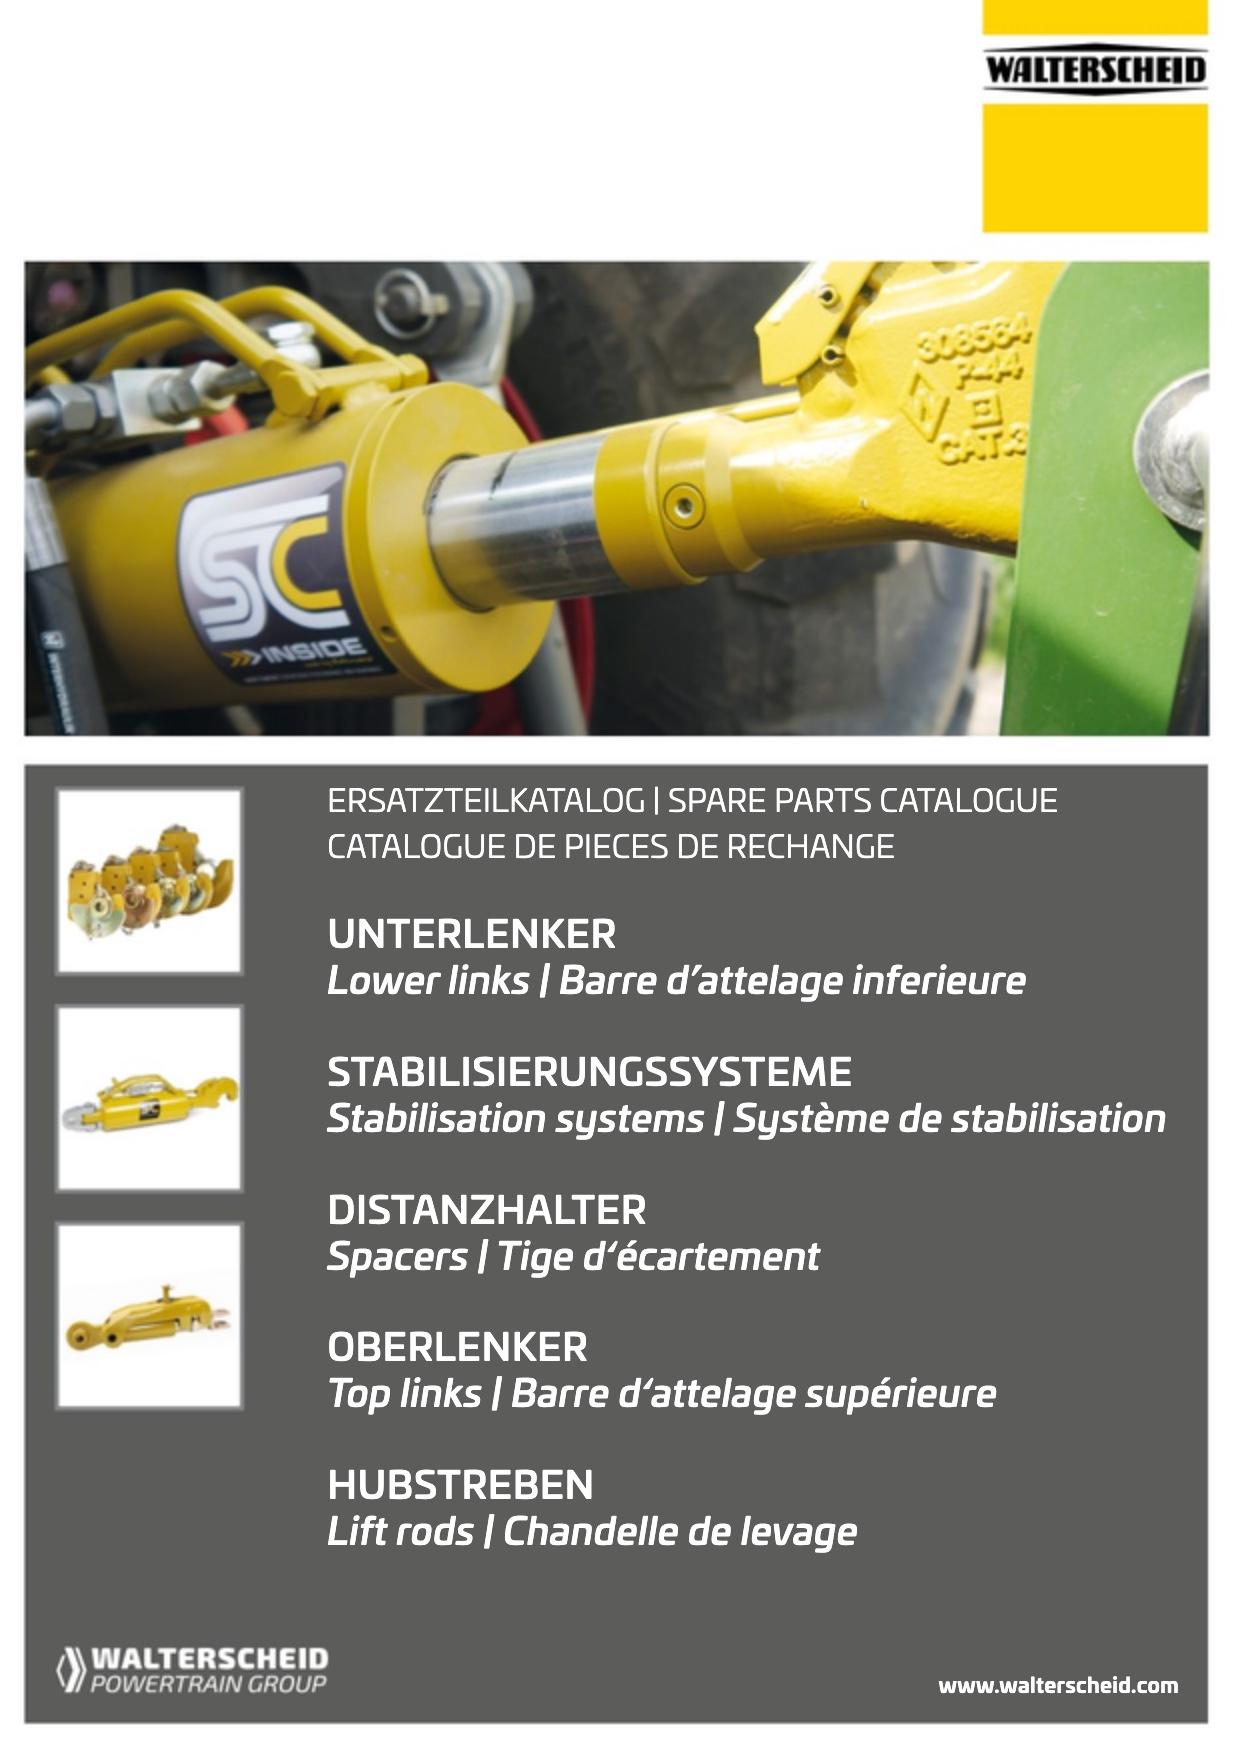 Walterscheid Catalogue TAS spare parts